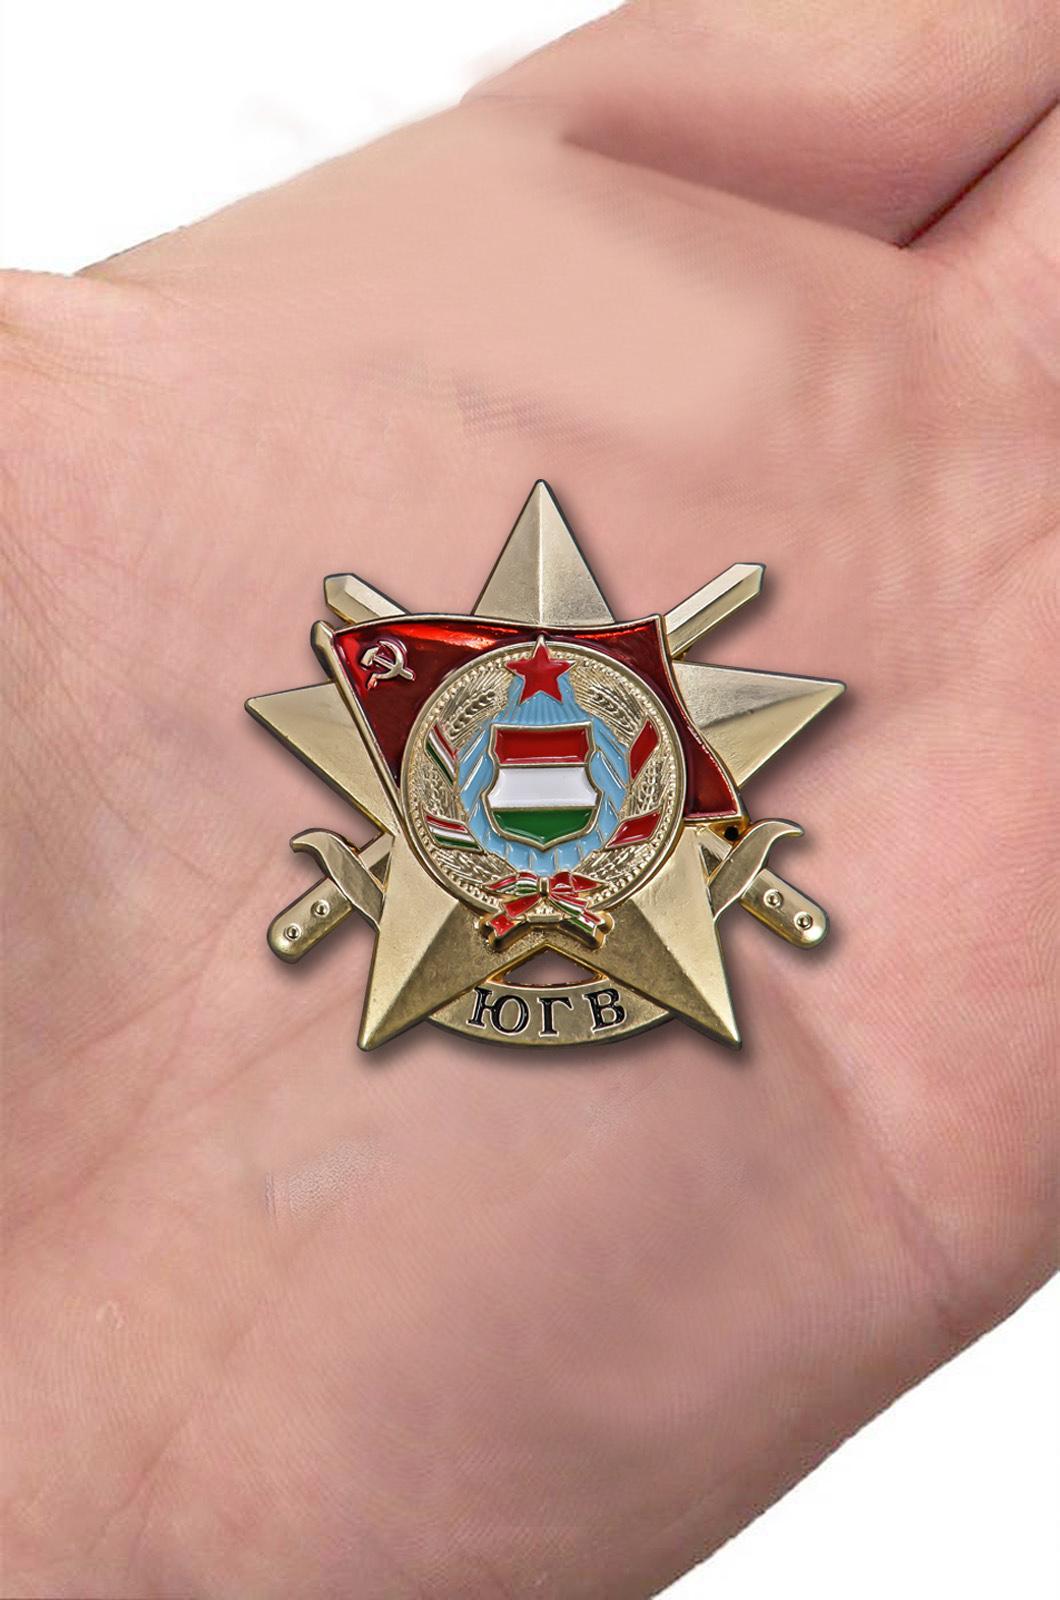 Звезда ЮГВ (Венгрия) - с доставкой